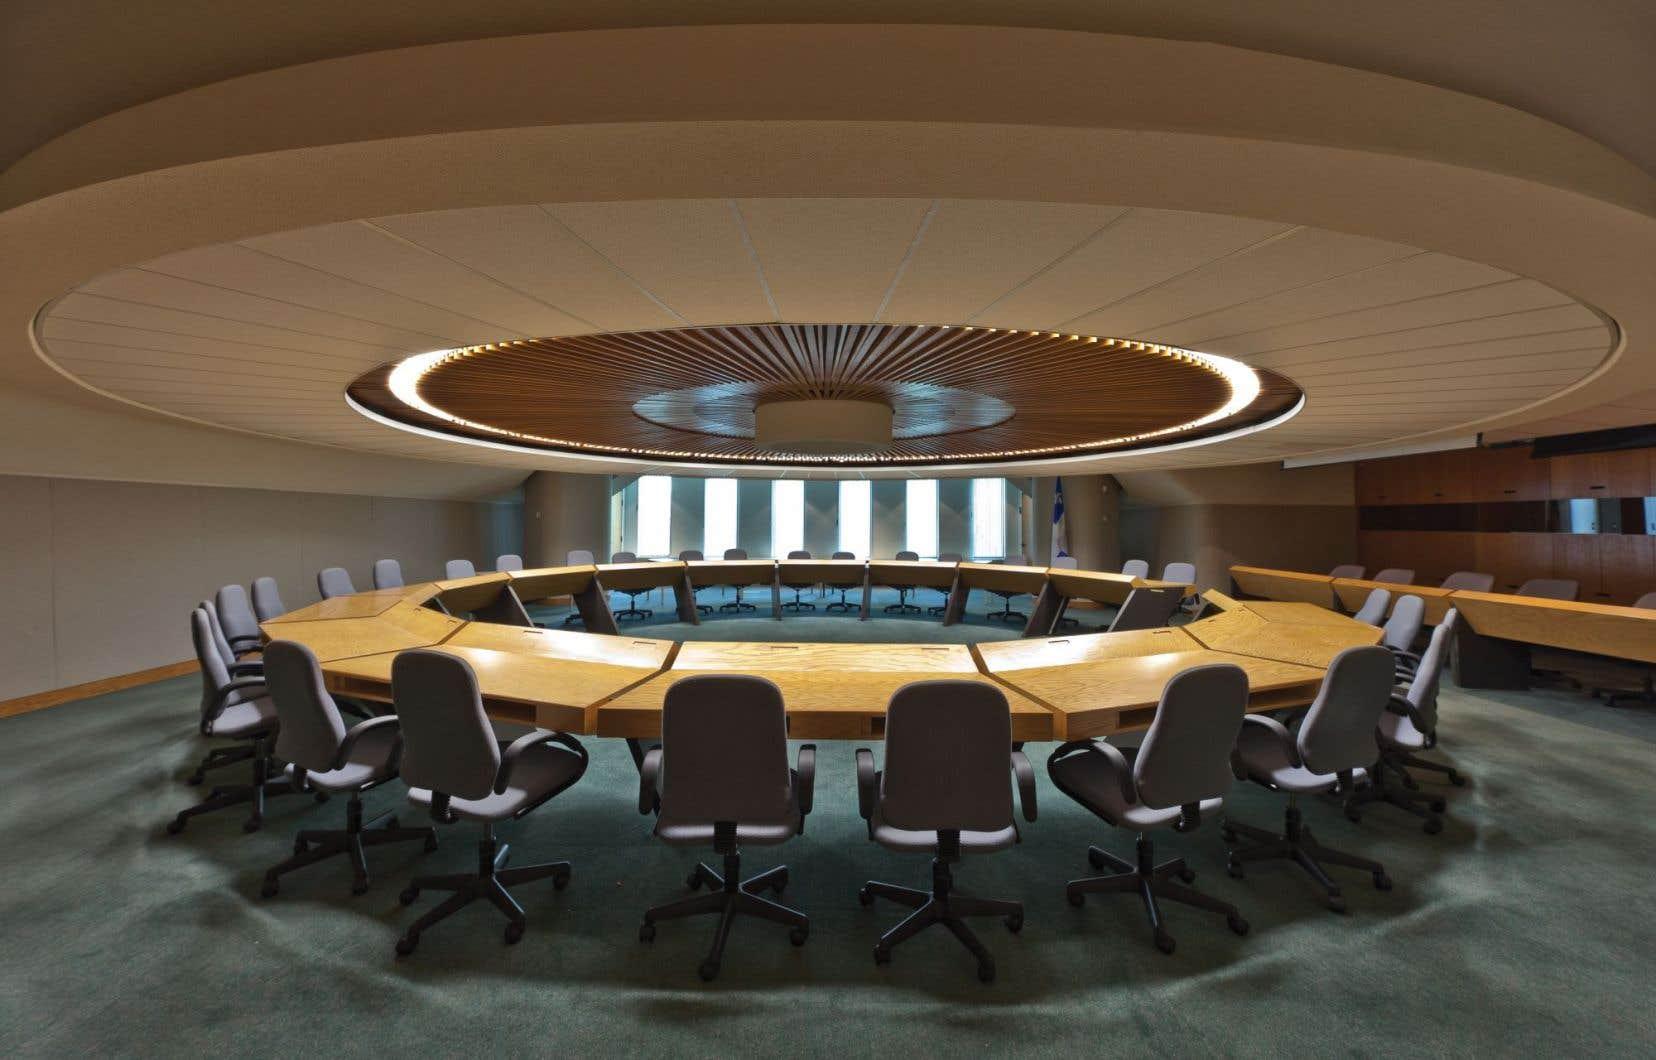 La salle emblématique du «bunker» de la Grande-Allée est le théâtre, entre1972 et2002, de plusieurs décisions controversées précédées de débats animés.